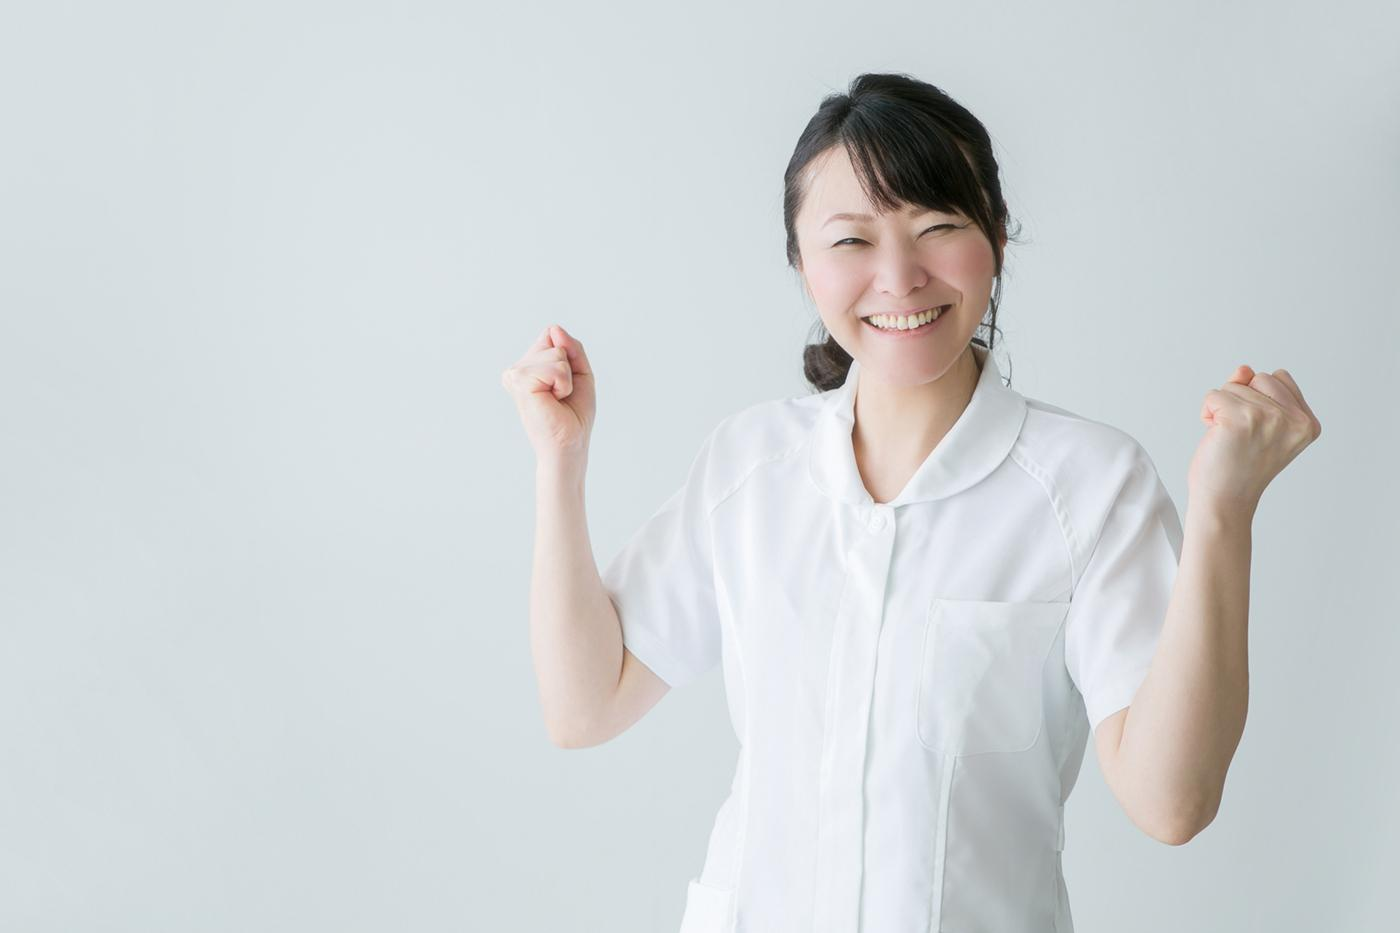 【看護助手】夜勤ナシ!!プライベートとのバランスもとりやすい♪マイカー通勤OK☆